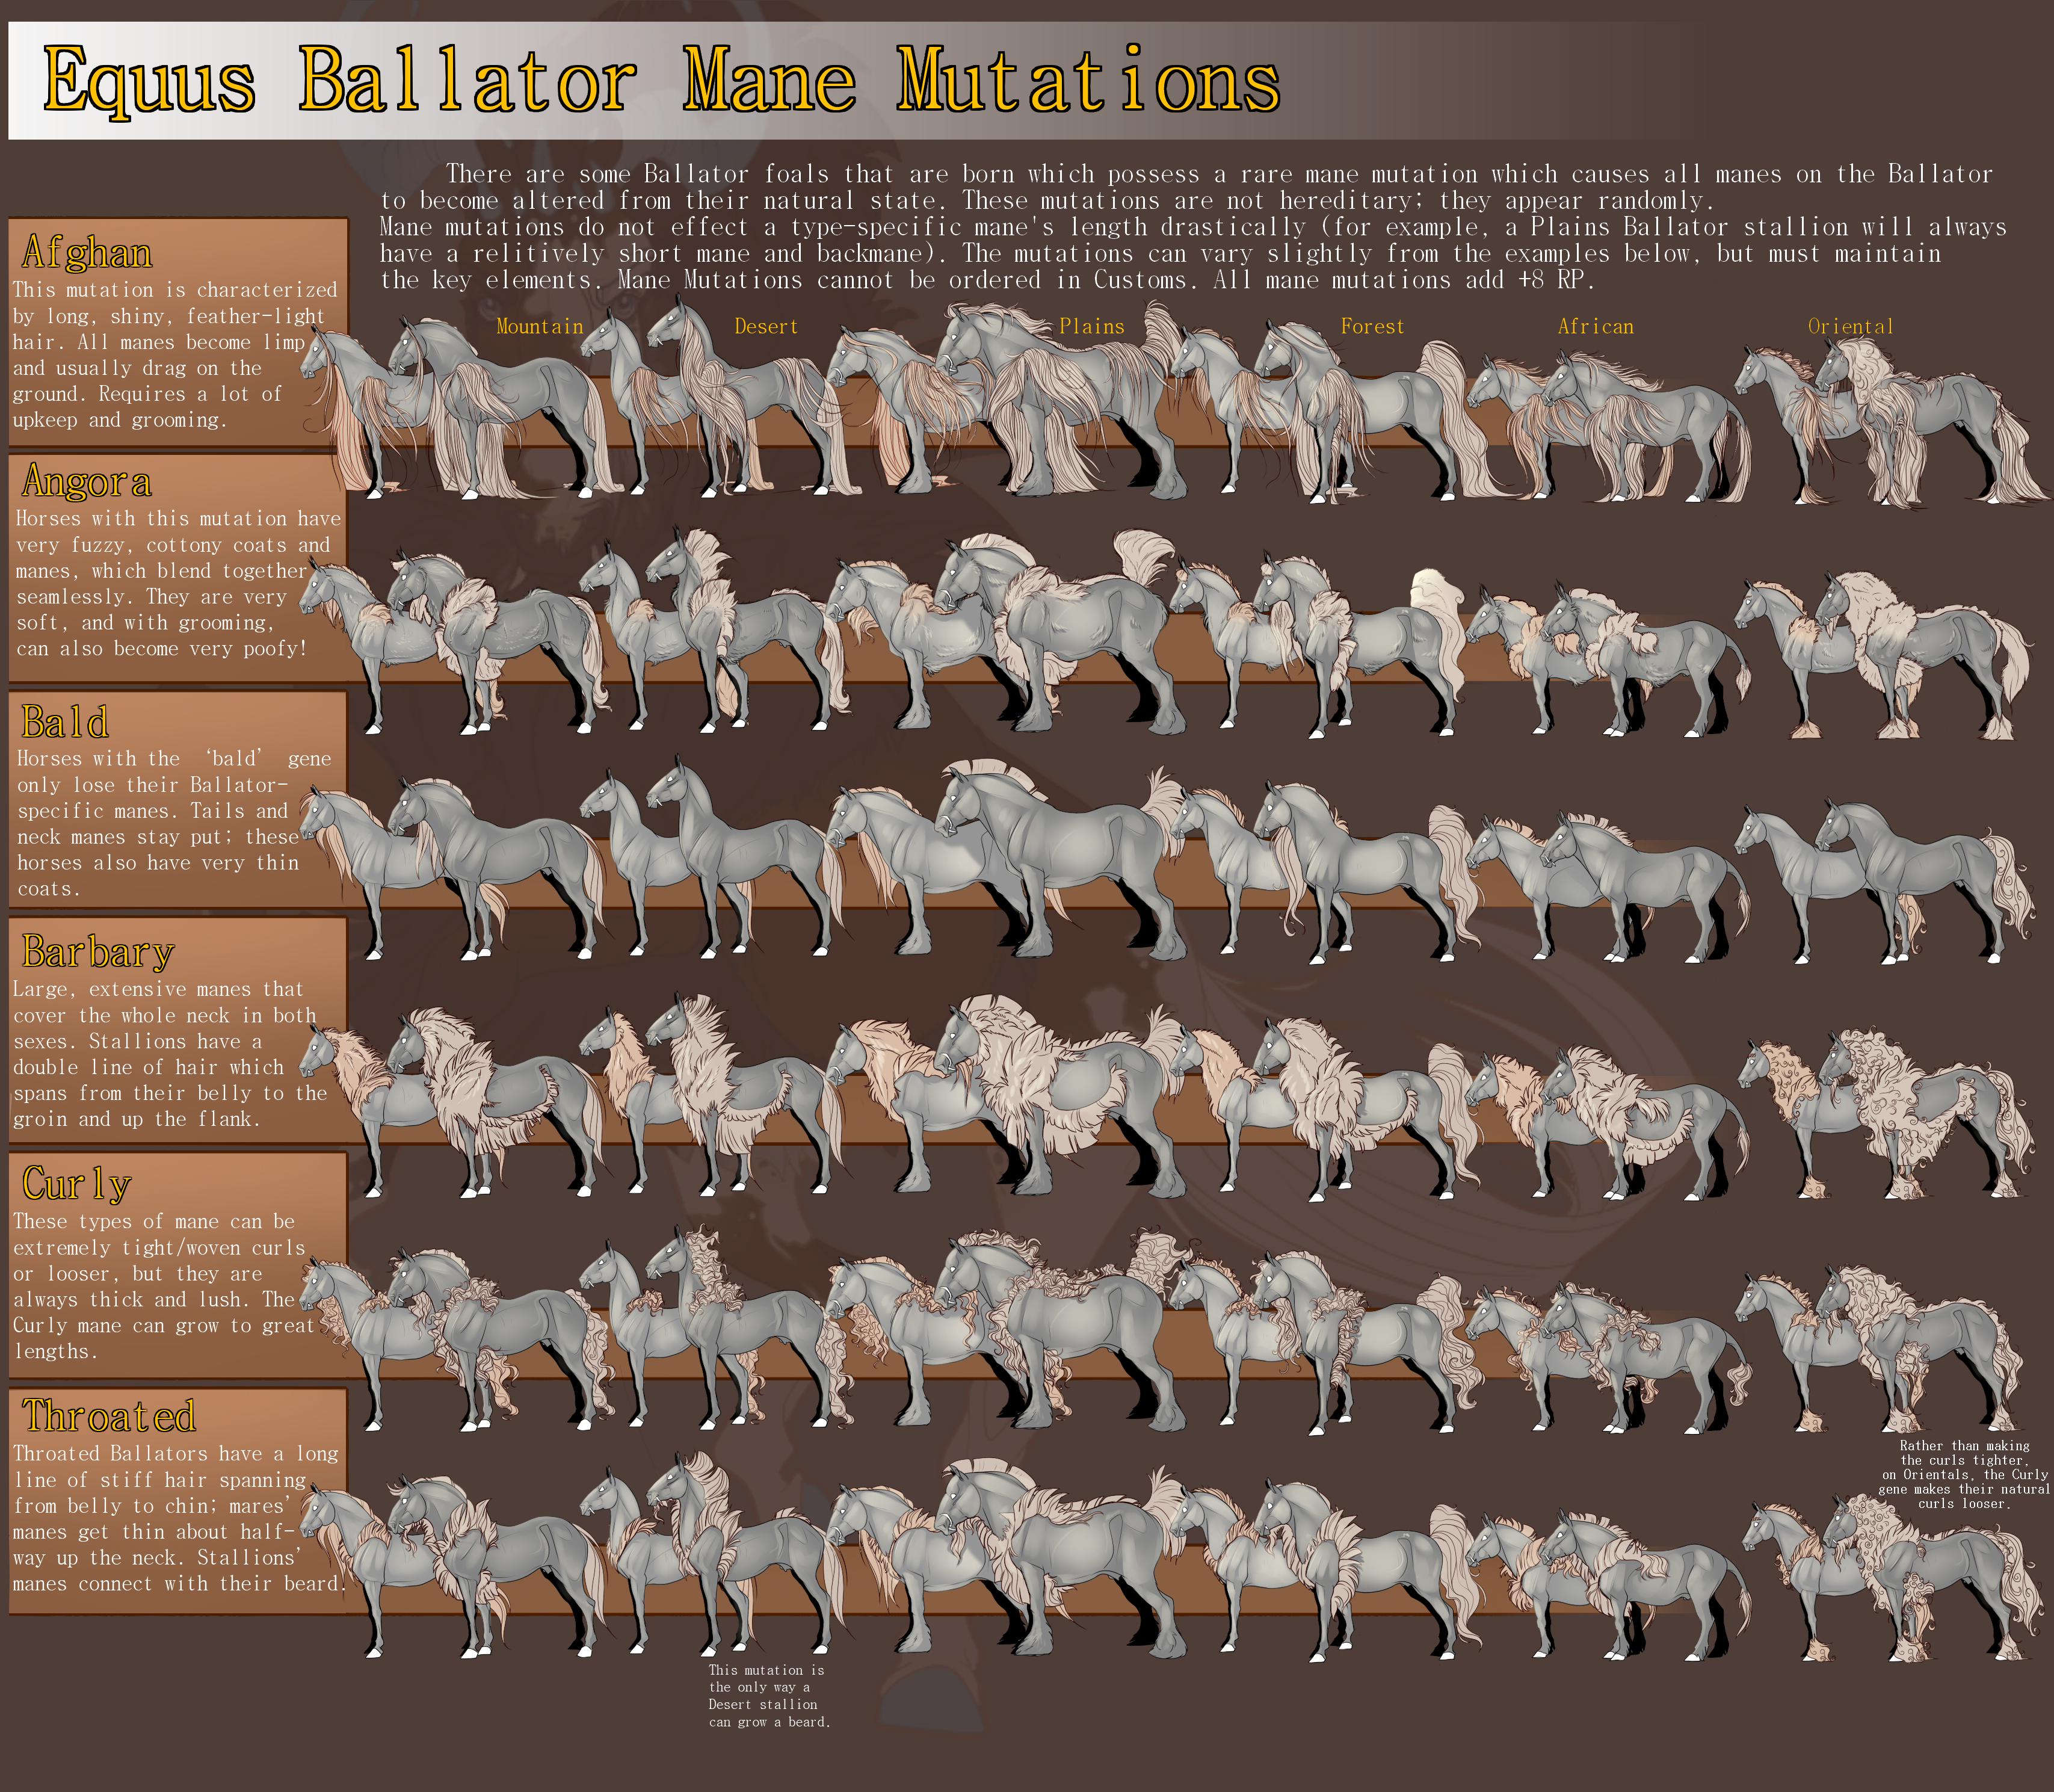 Equus Ballator Mane Mutations